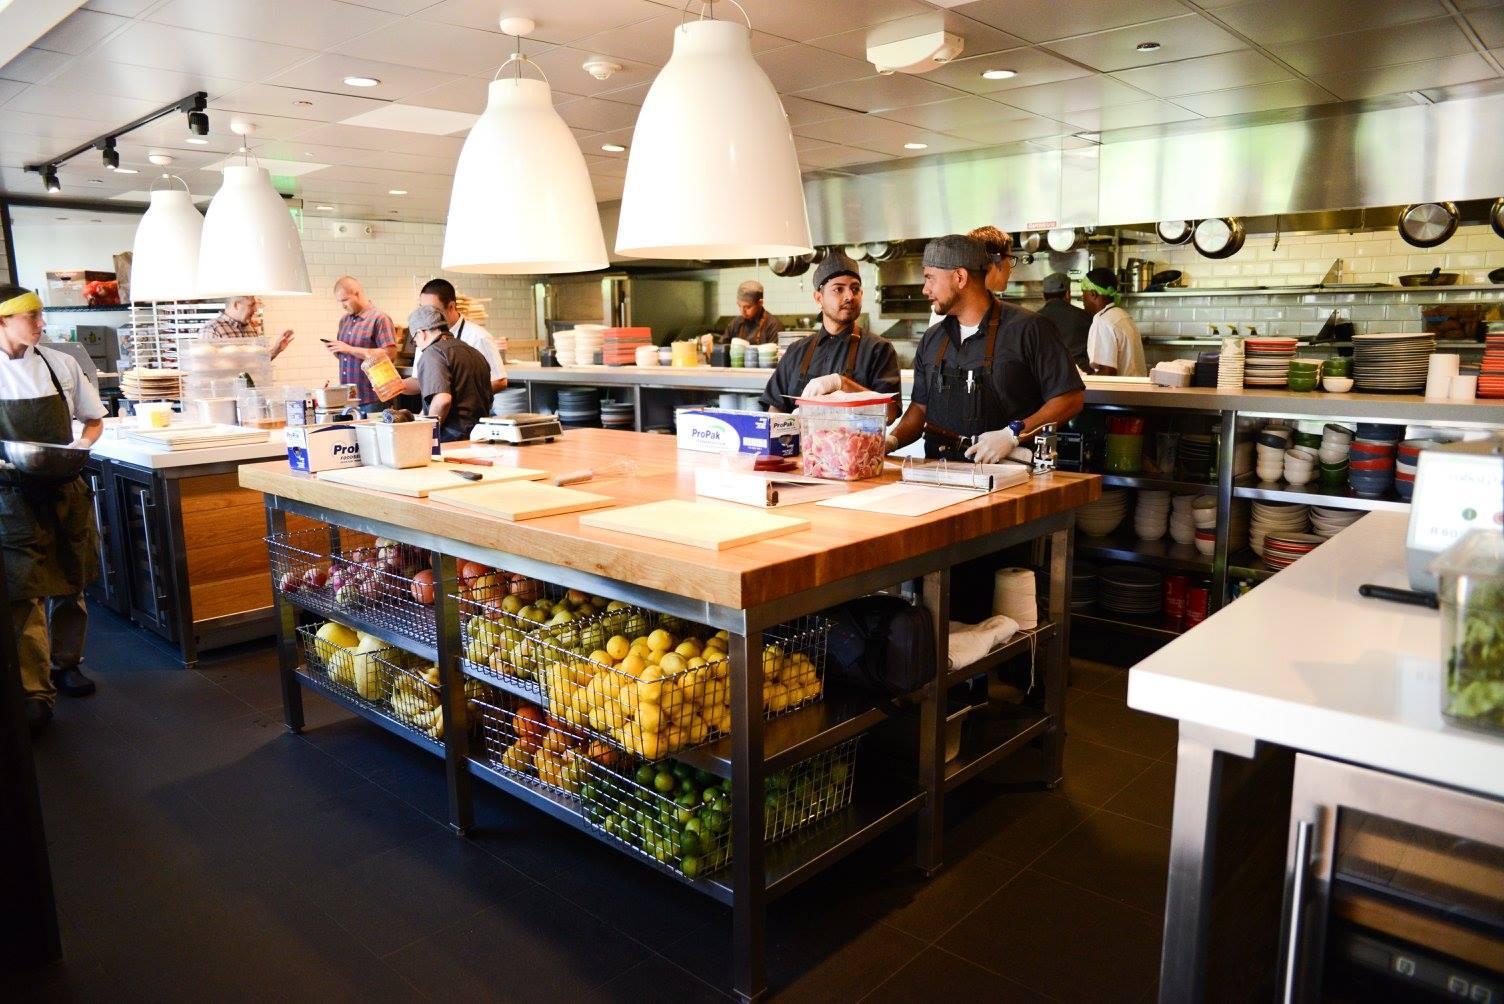 Description Restaurant Job Server Makes The Food